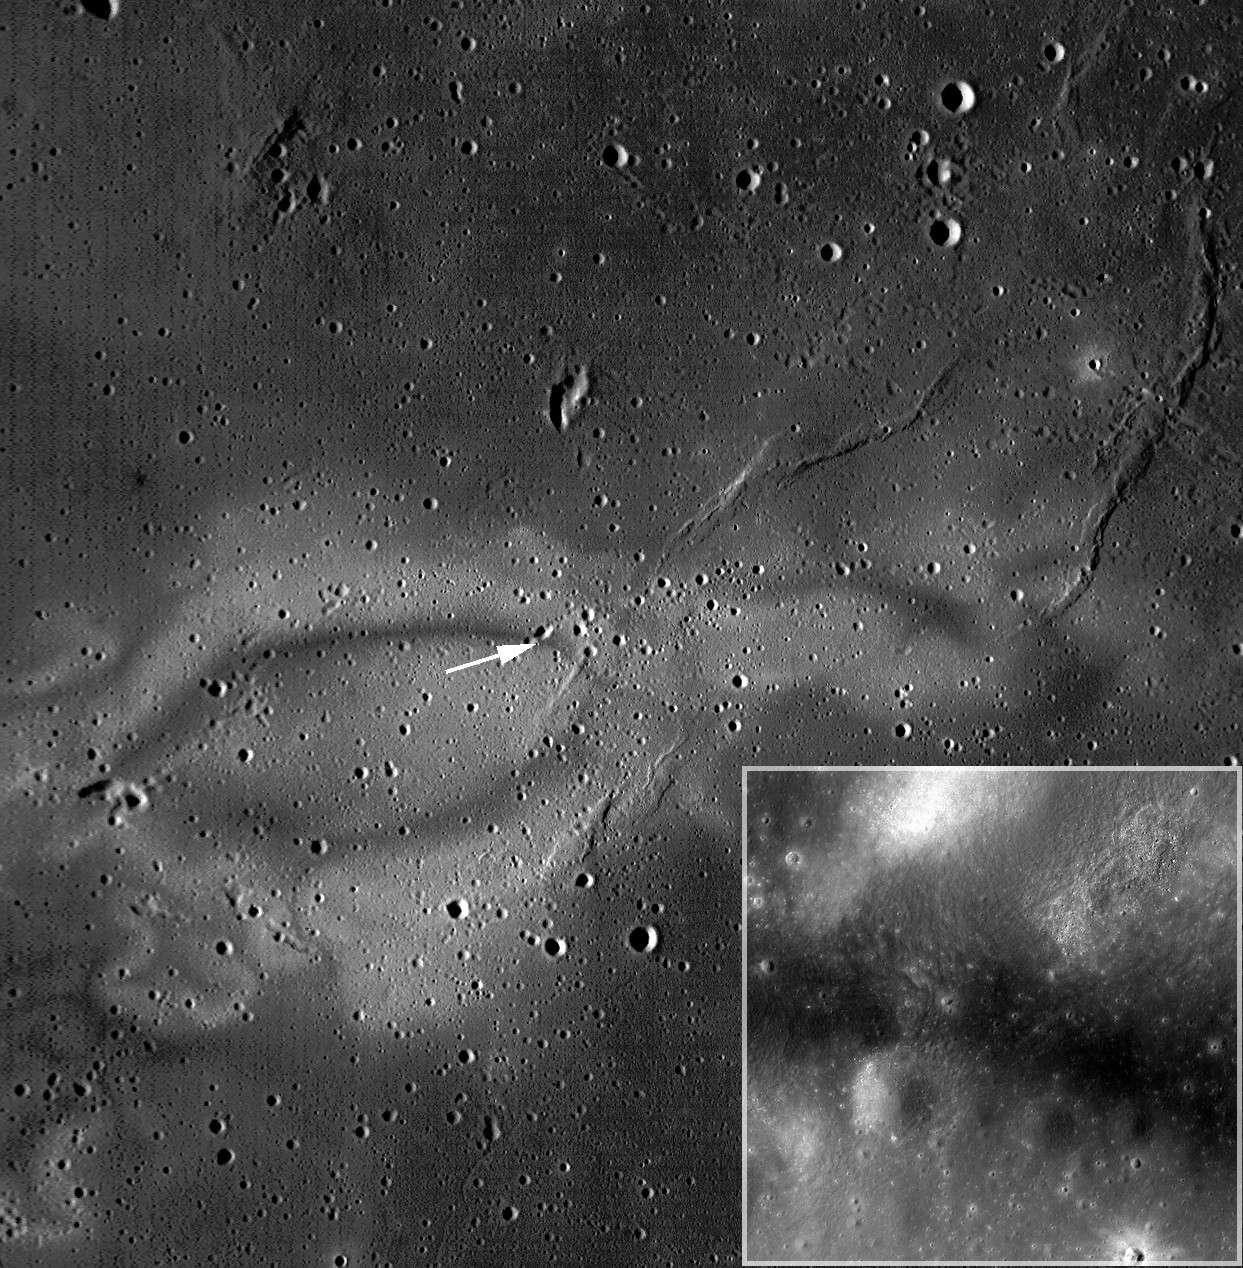 La région claire de Reiner Gamma a été étudiée par LRO. La flèche indique la zone photographiée en haute résolution par l'orbiteur (dans l'encadré en bas à droite). Crédit Nasa/GSFC/Arizona State University